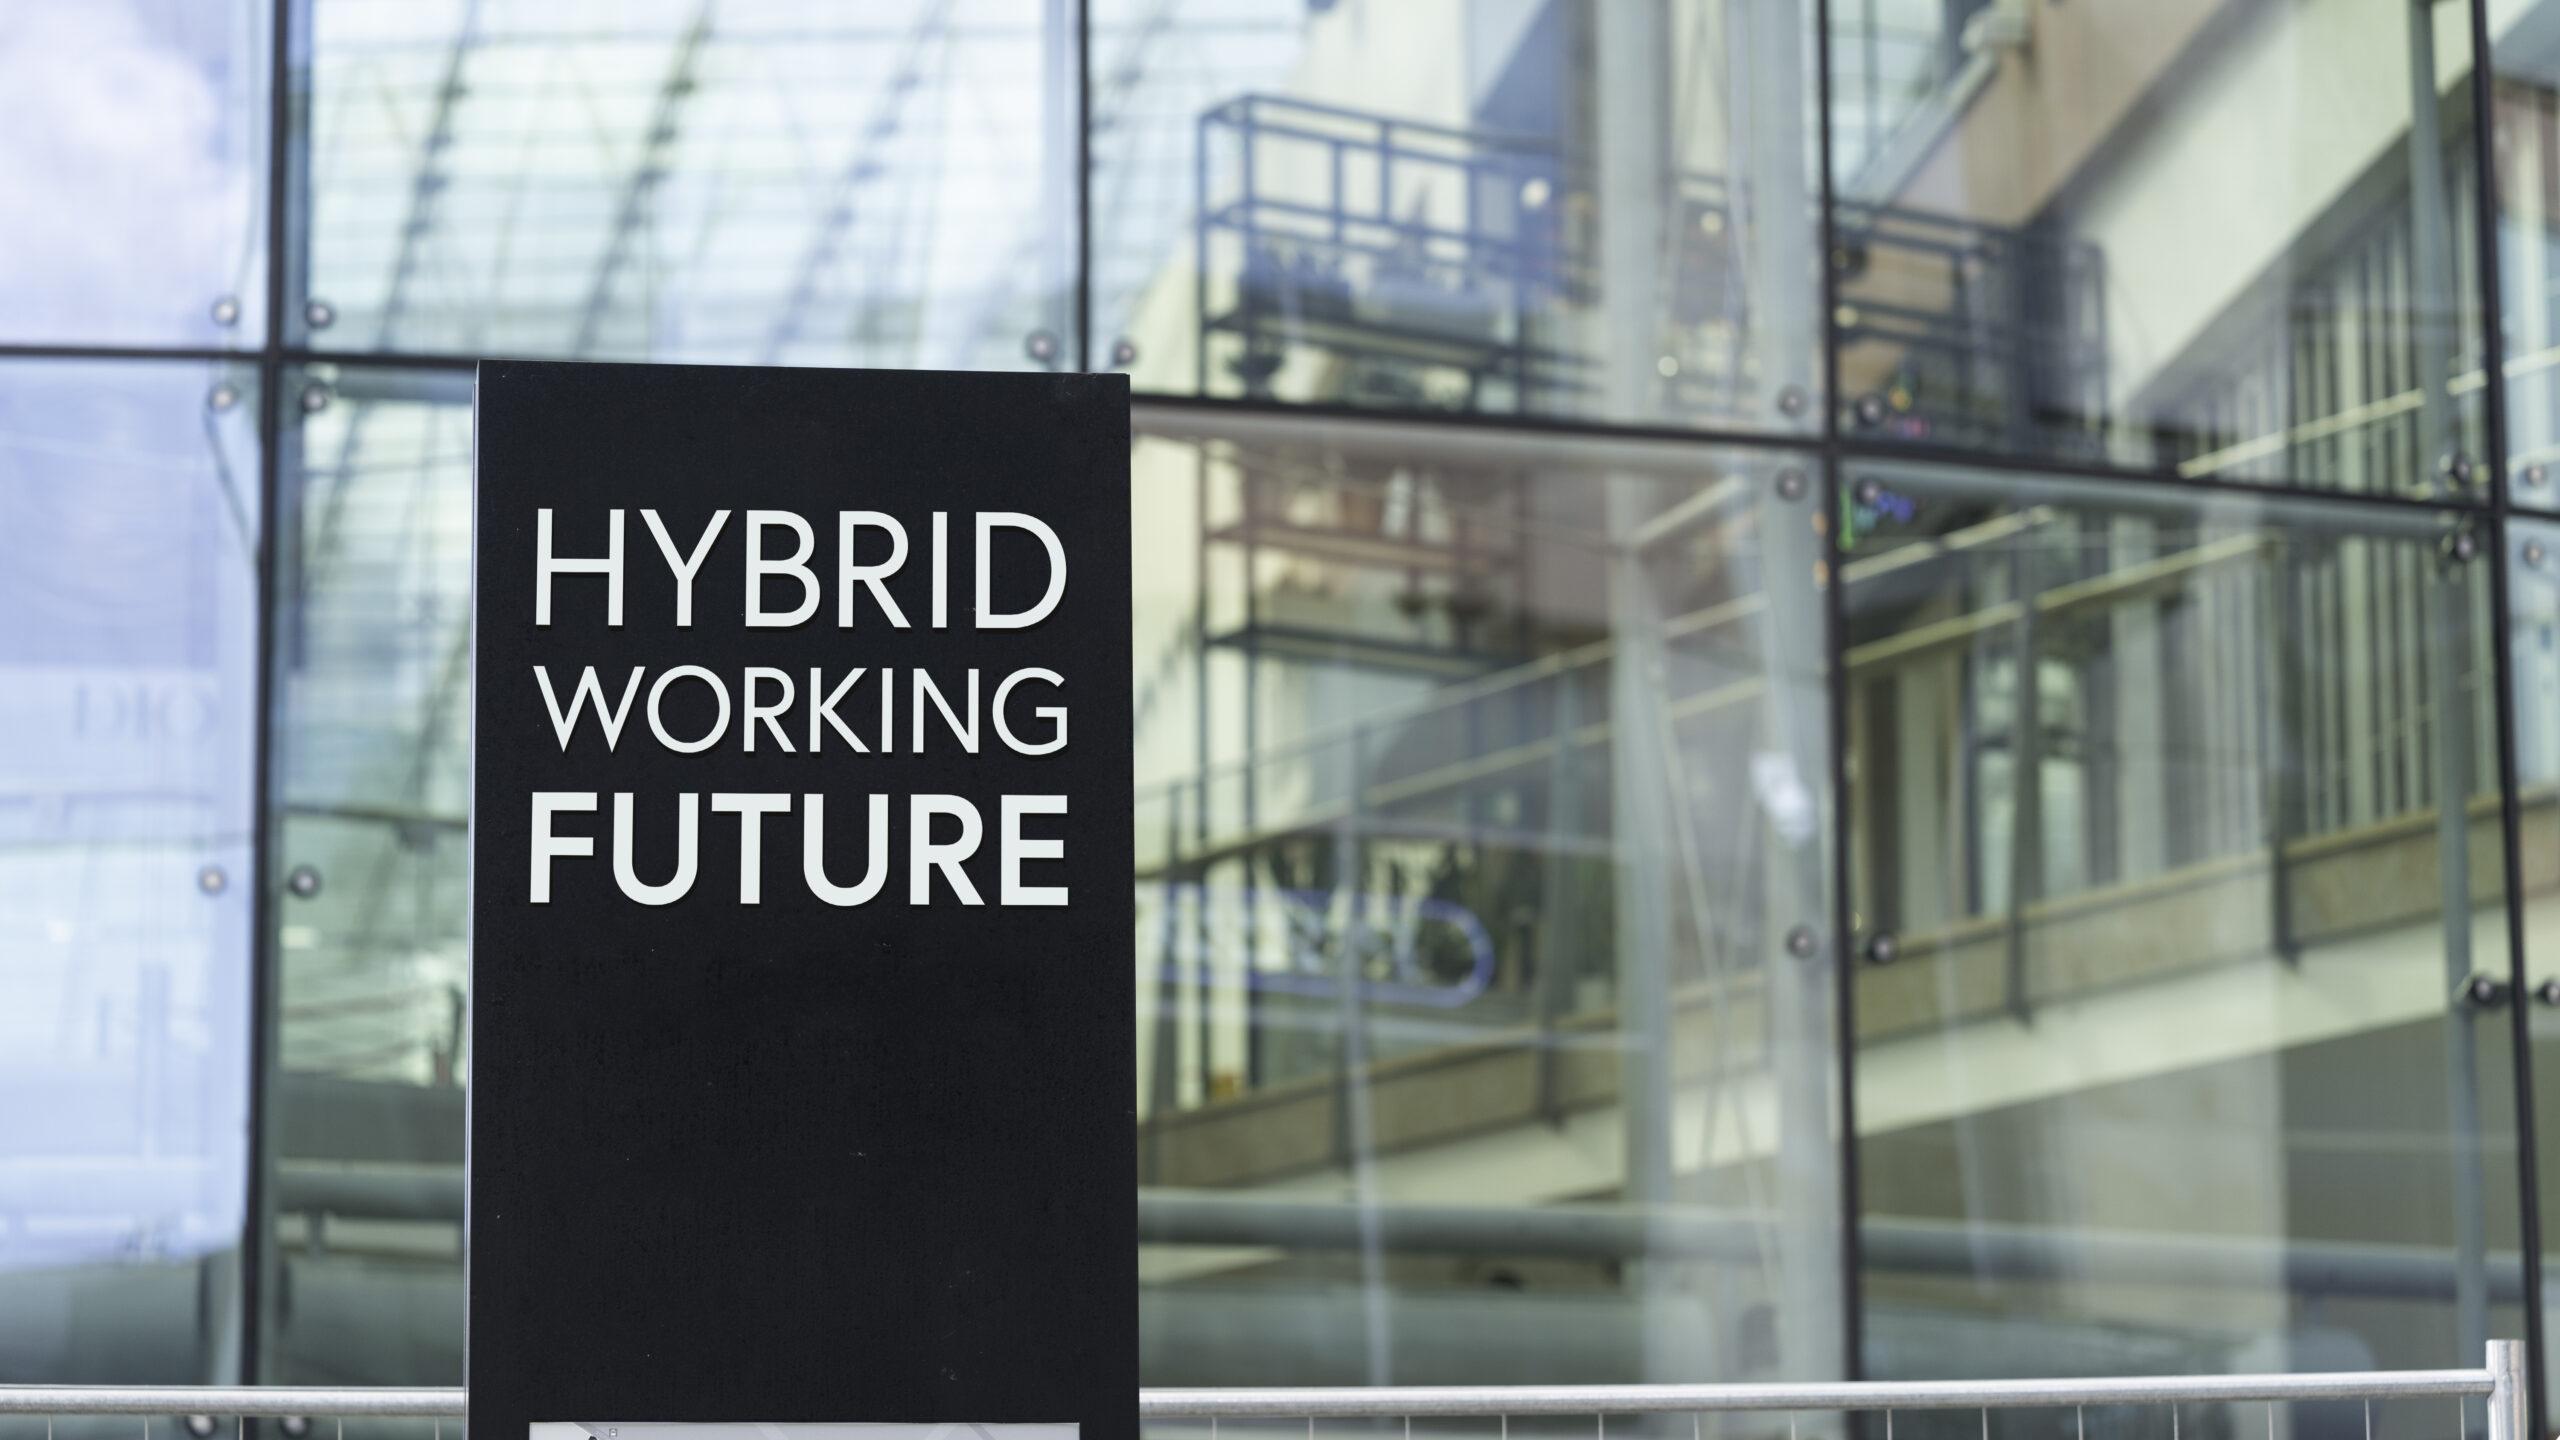 The future's bright, the future's hybrid.